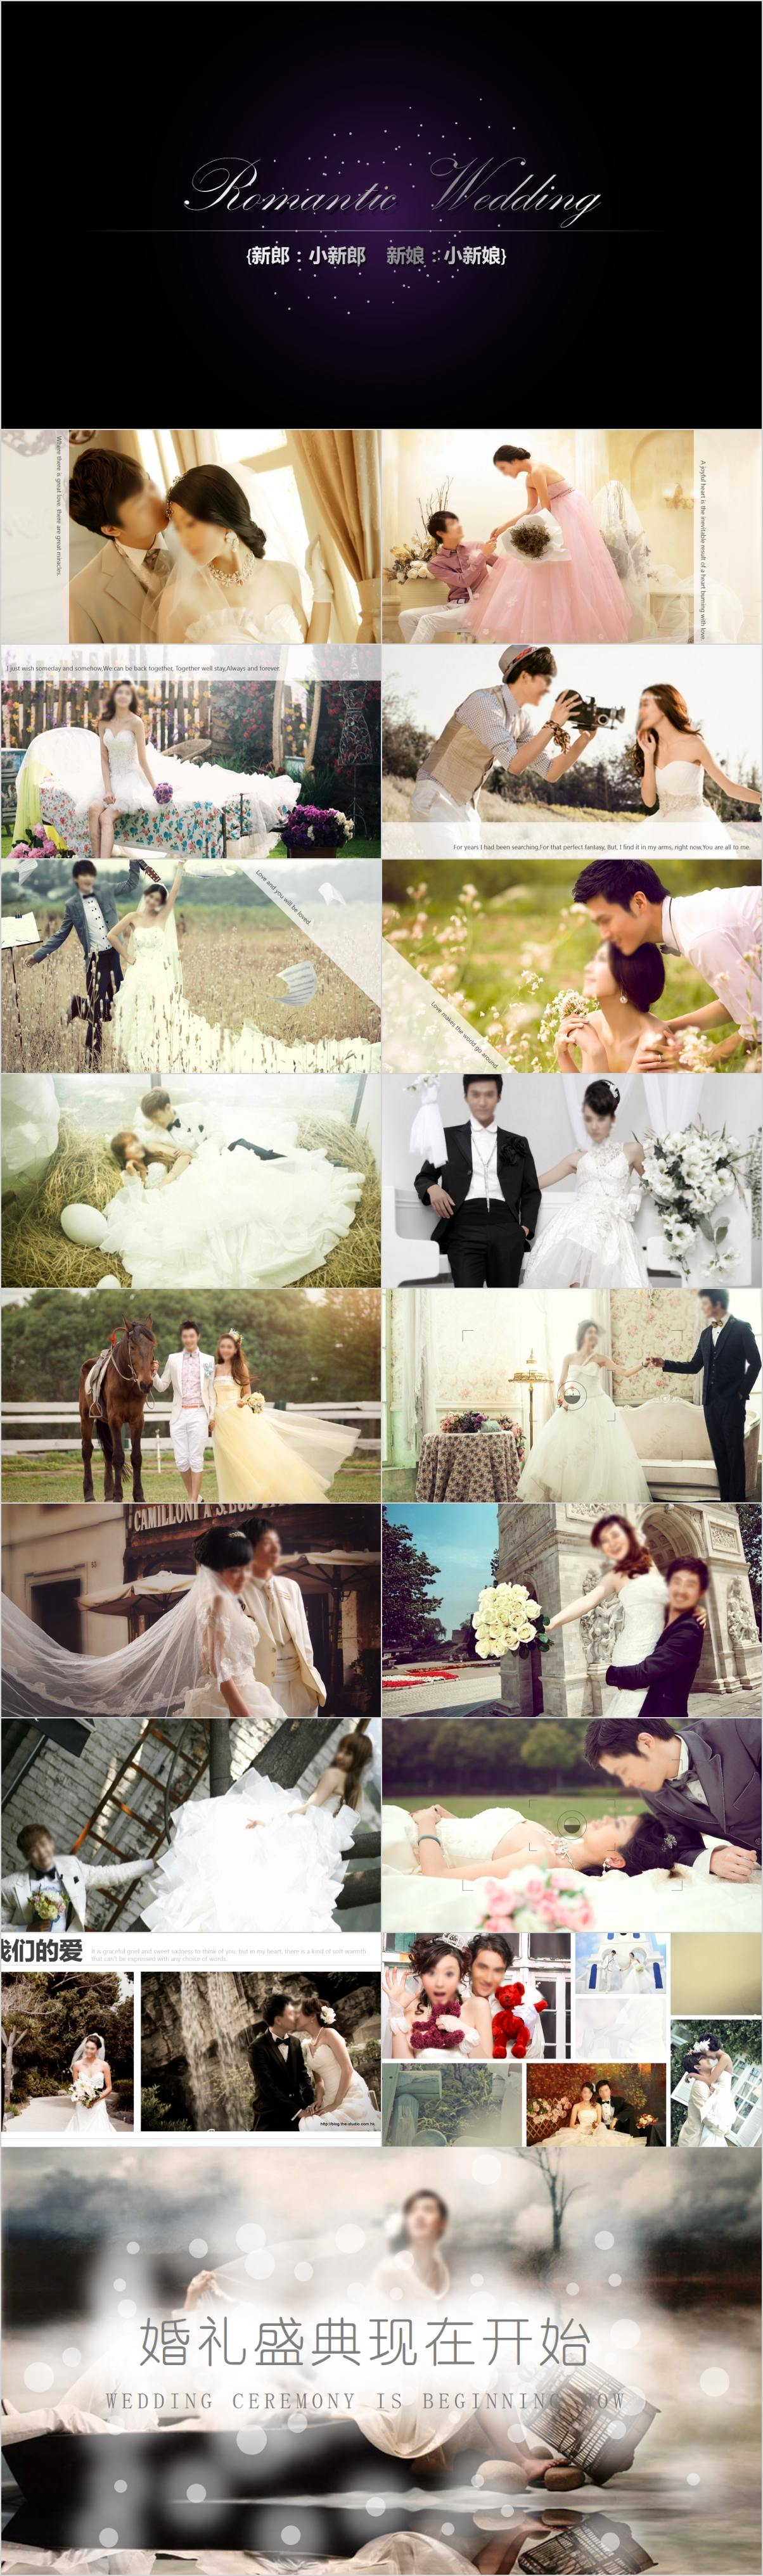 VC0134 婚礼盛典片头PPT